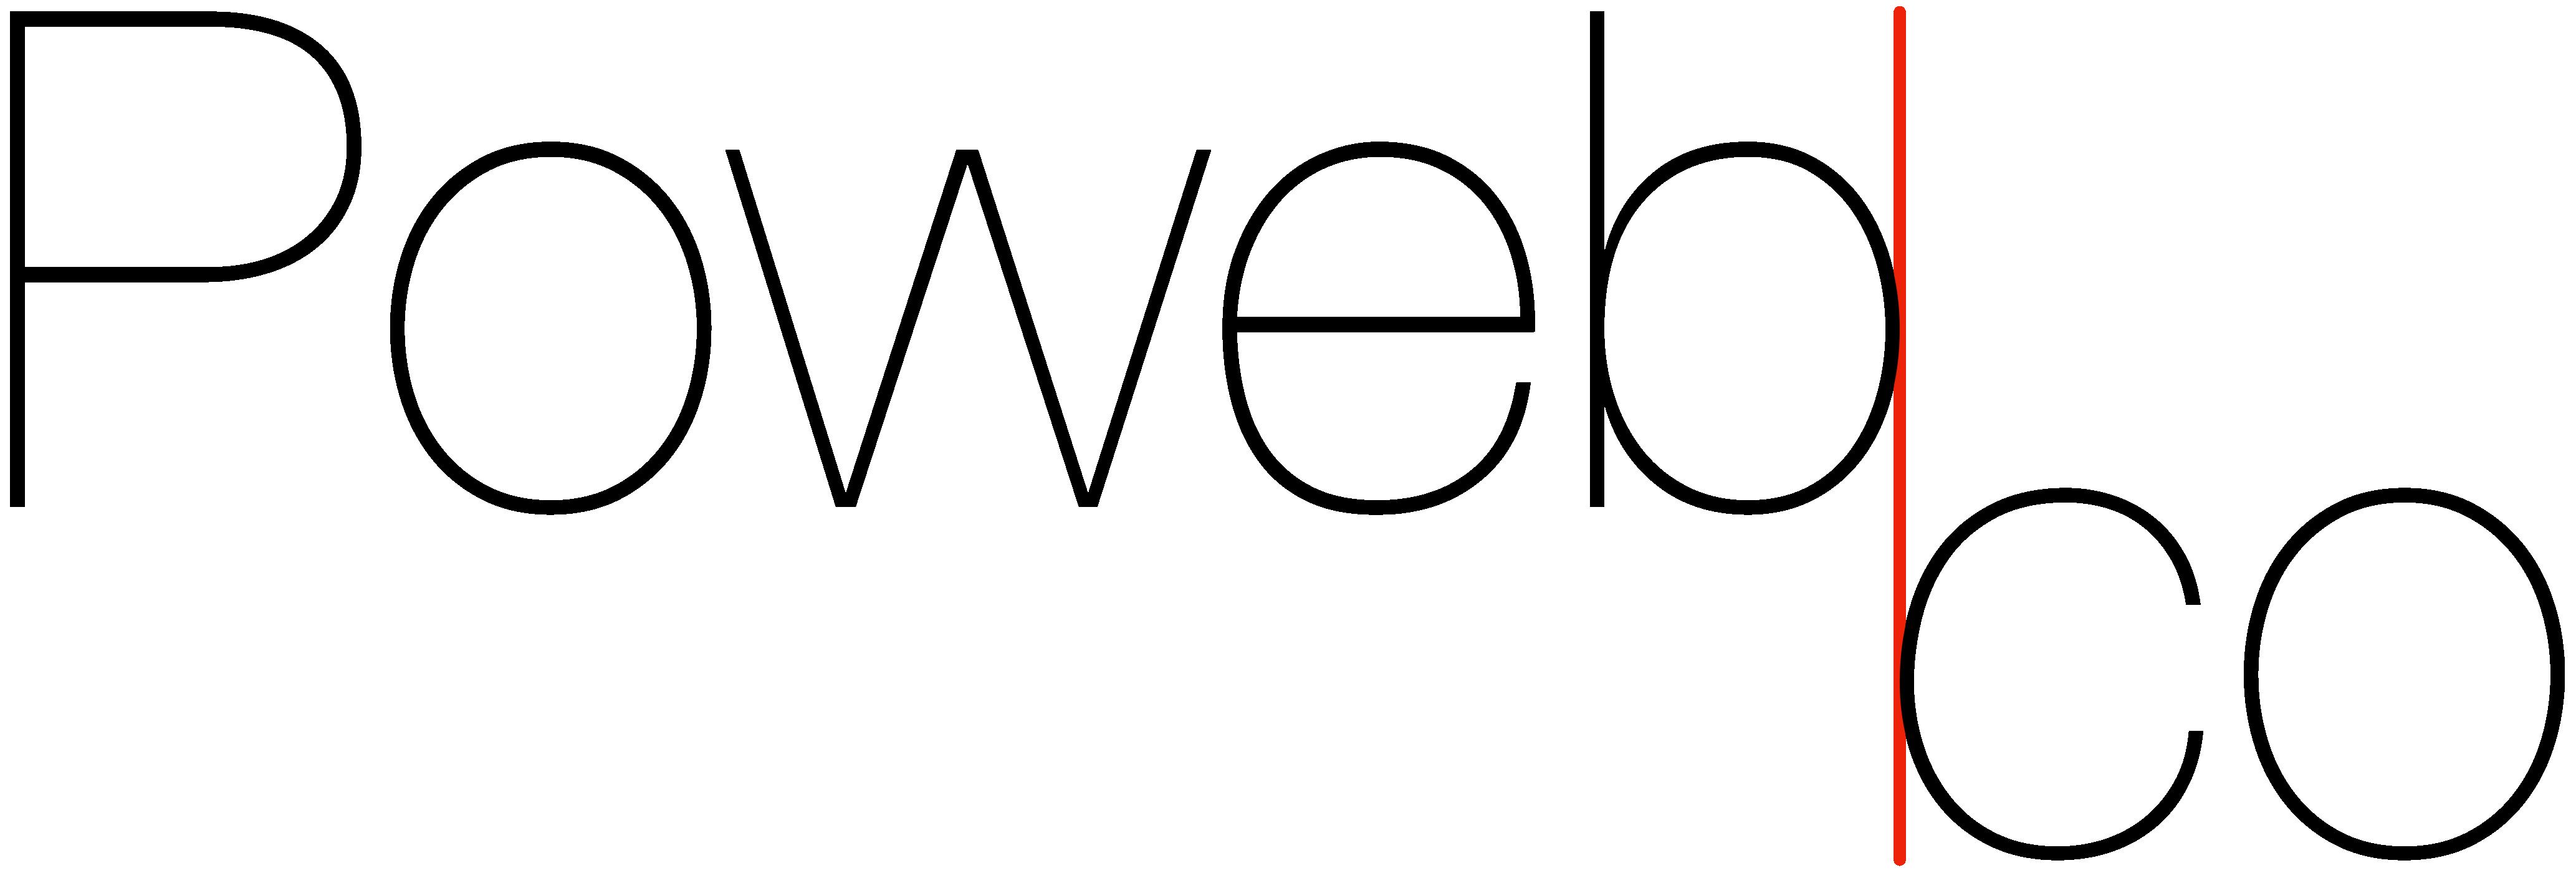 Powebco